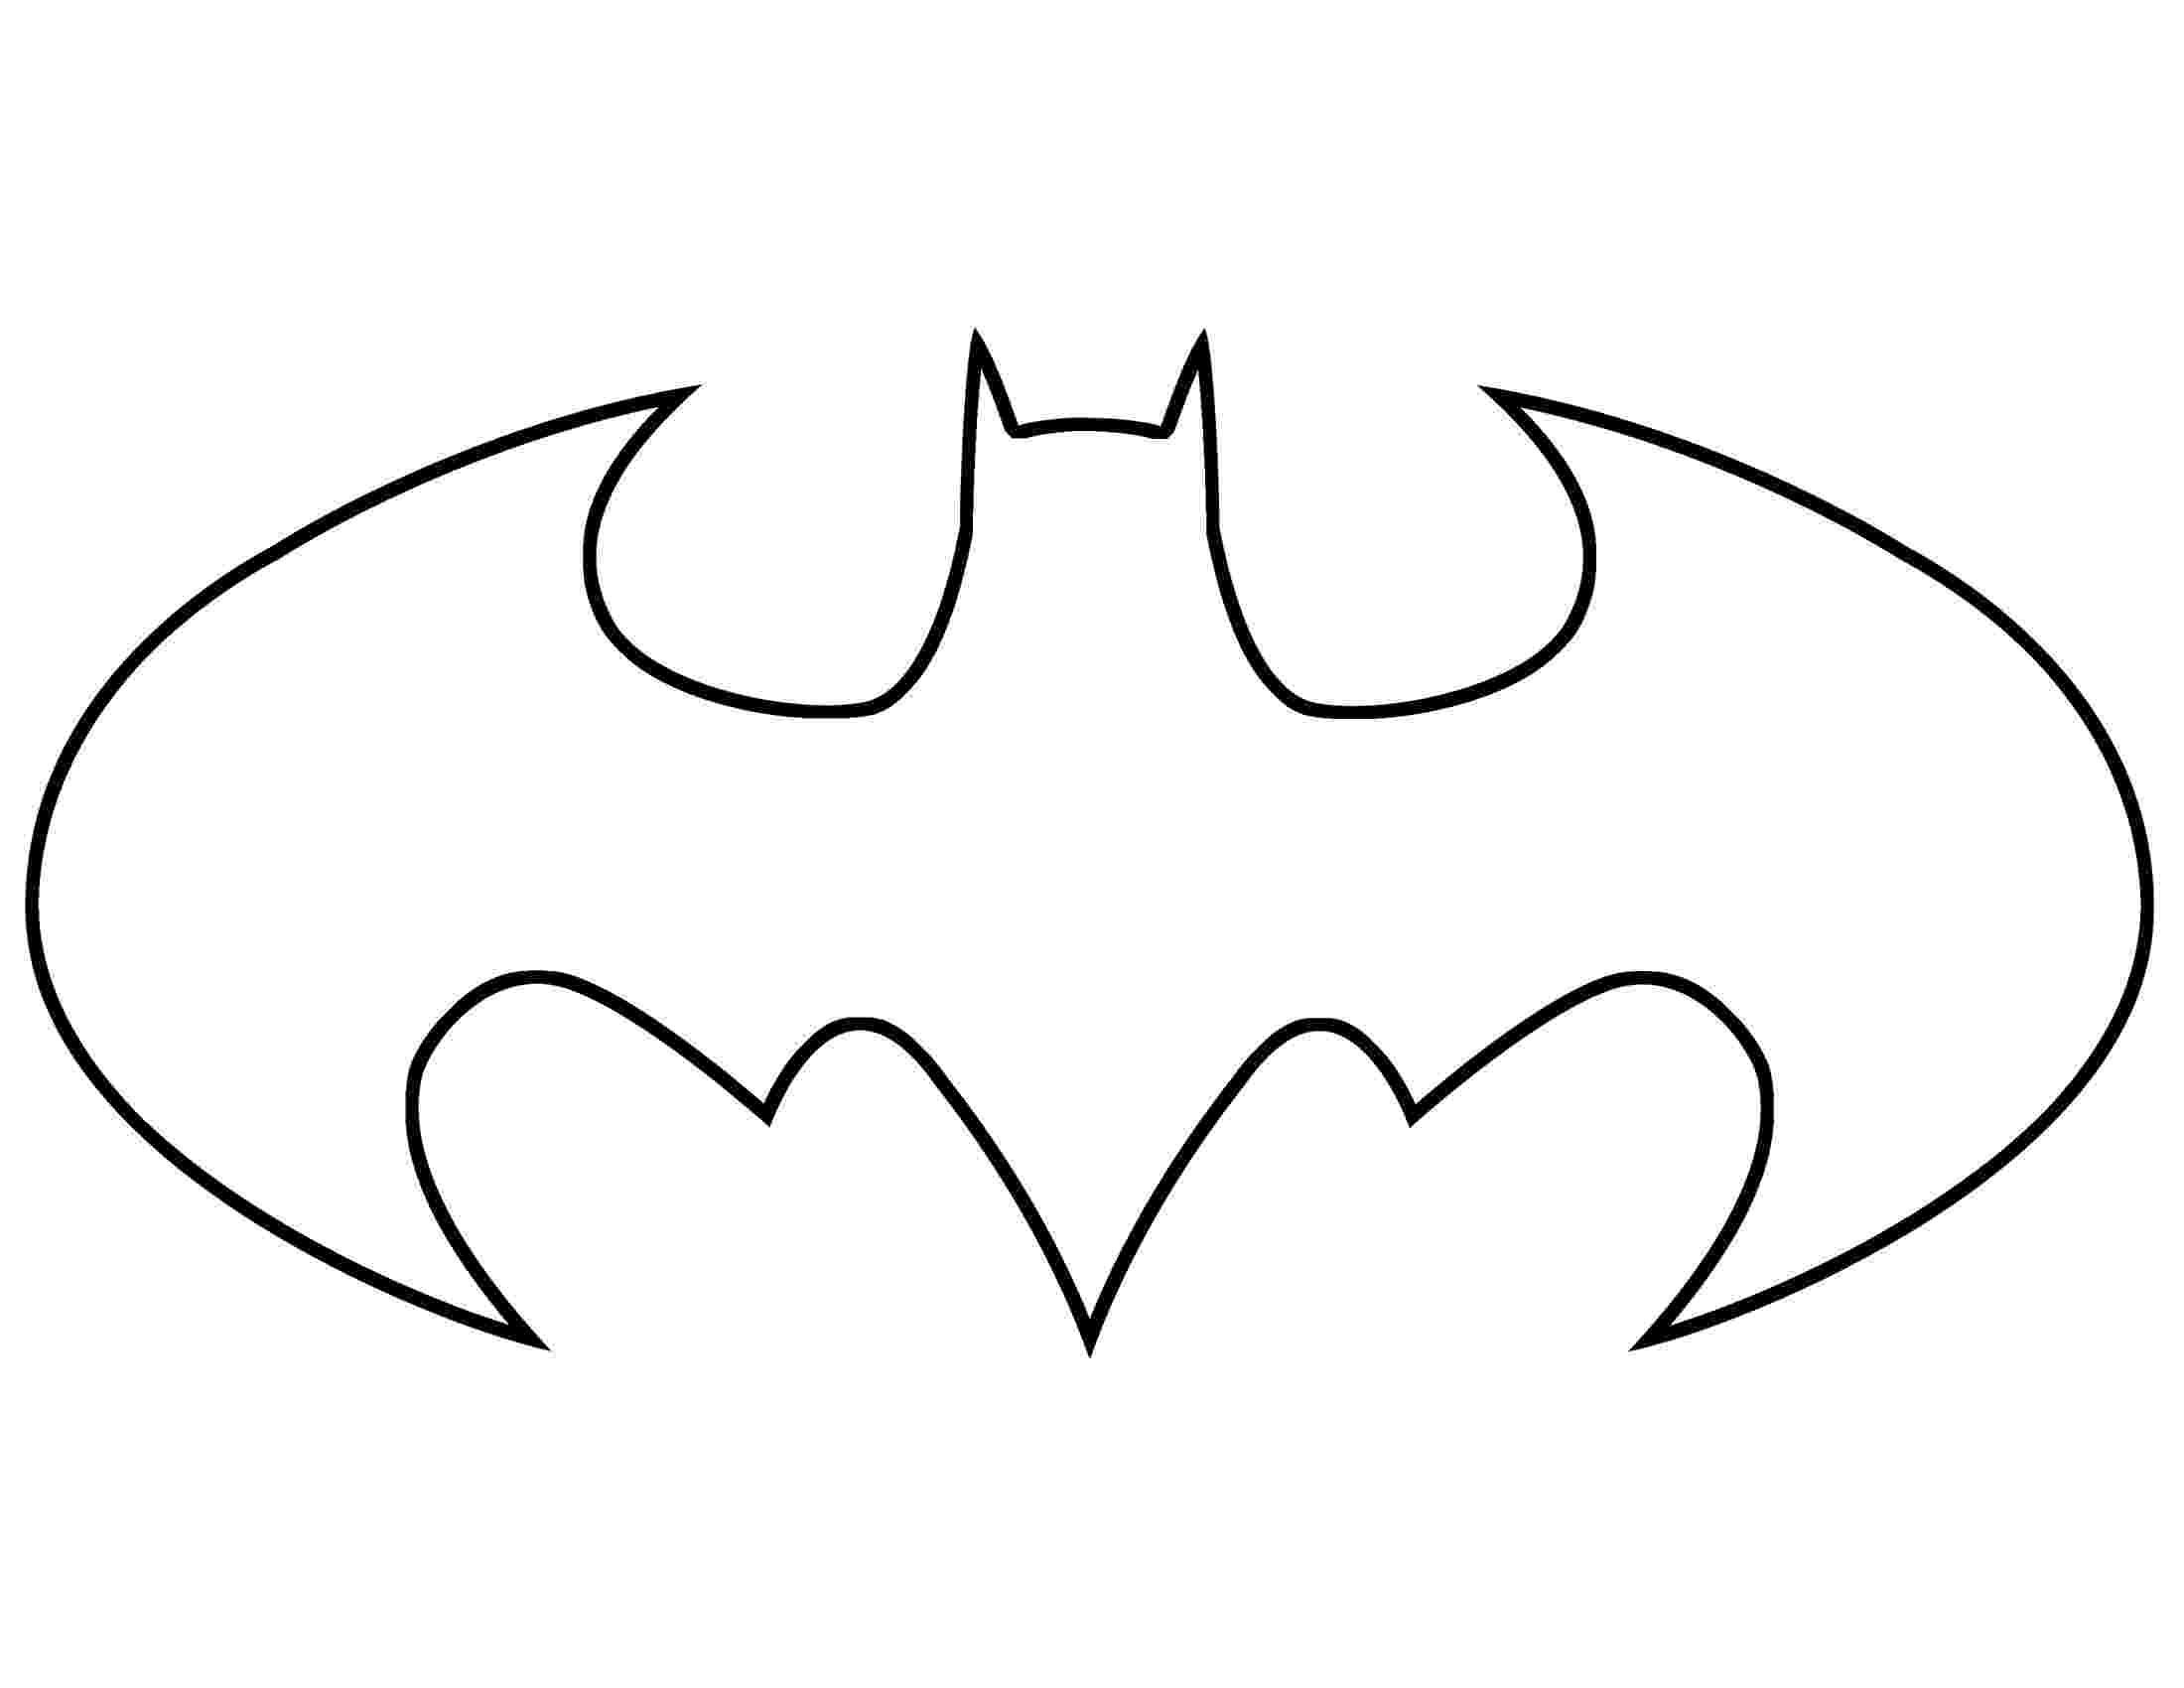 batman emblem printable batman smalltowntxmama batman printable emblem